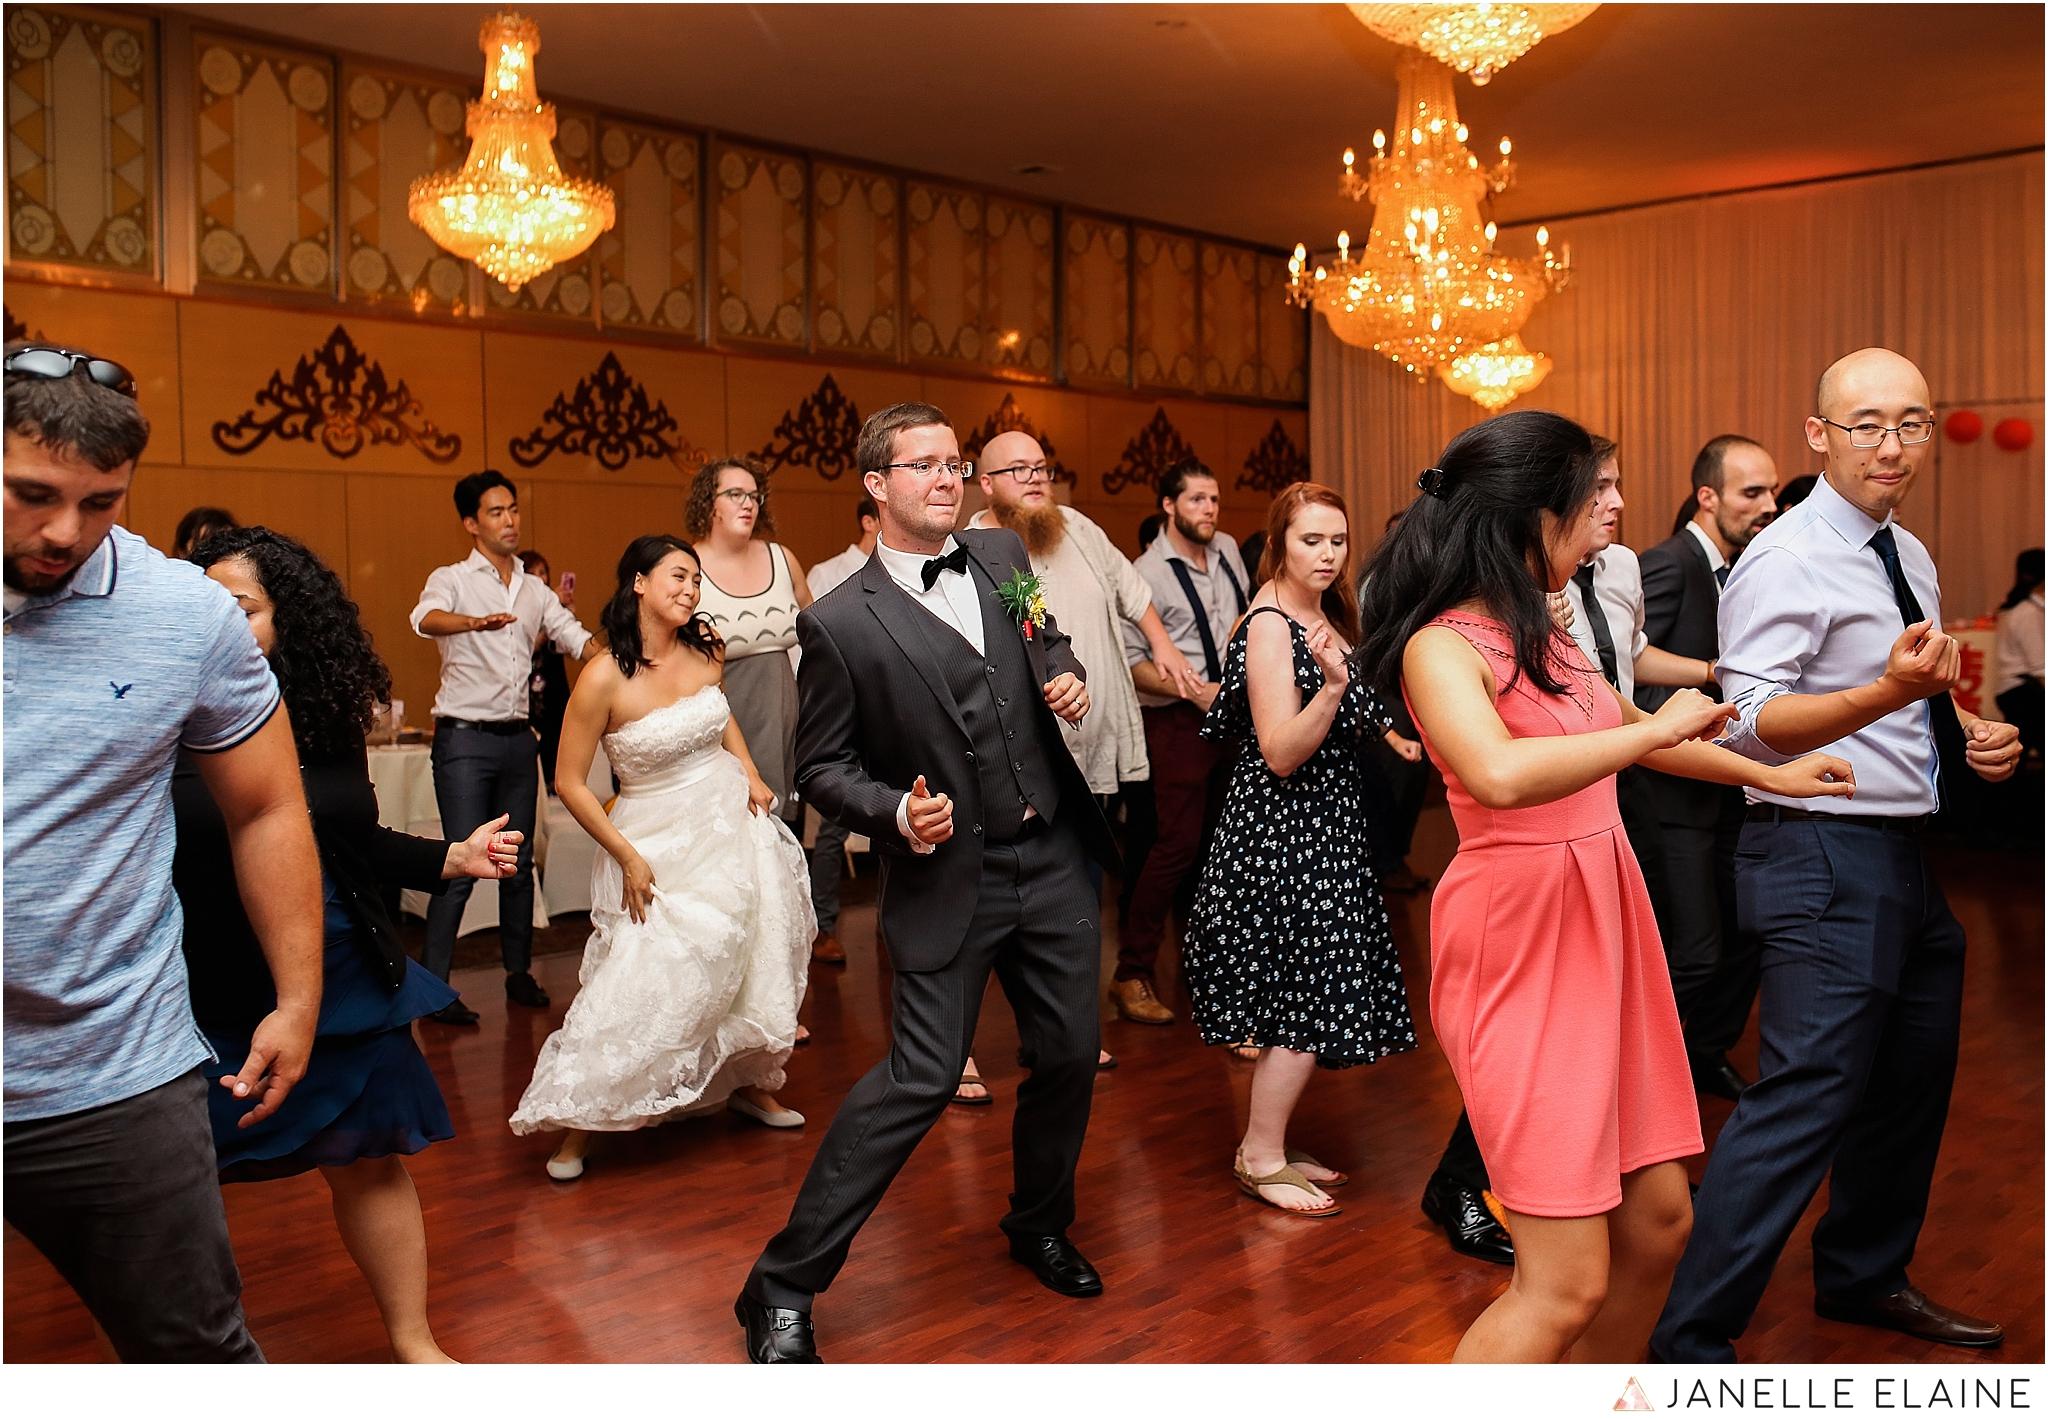 janelle elaine photography-professional wedding photographer seattle--201.jpg